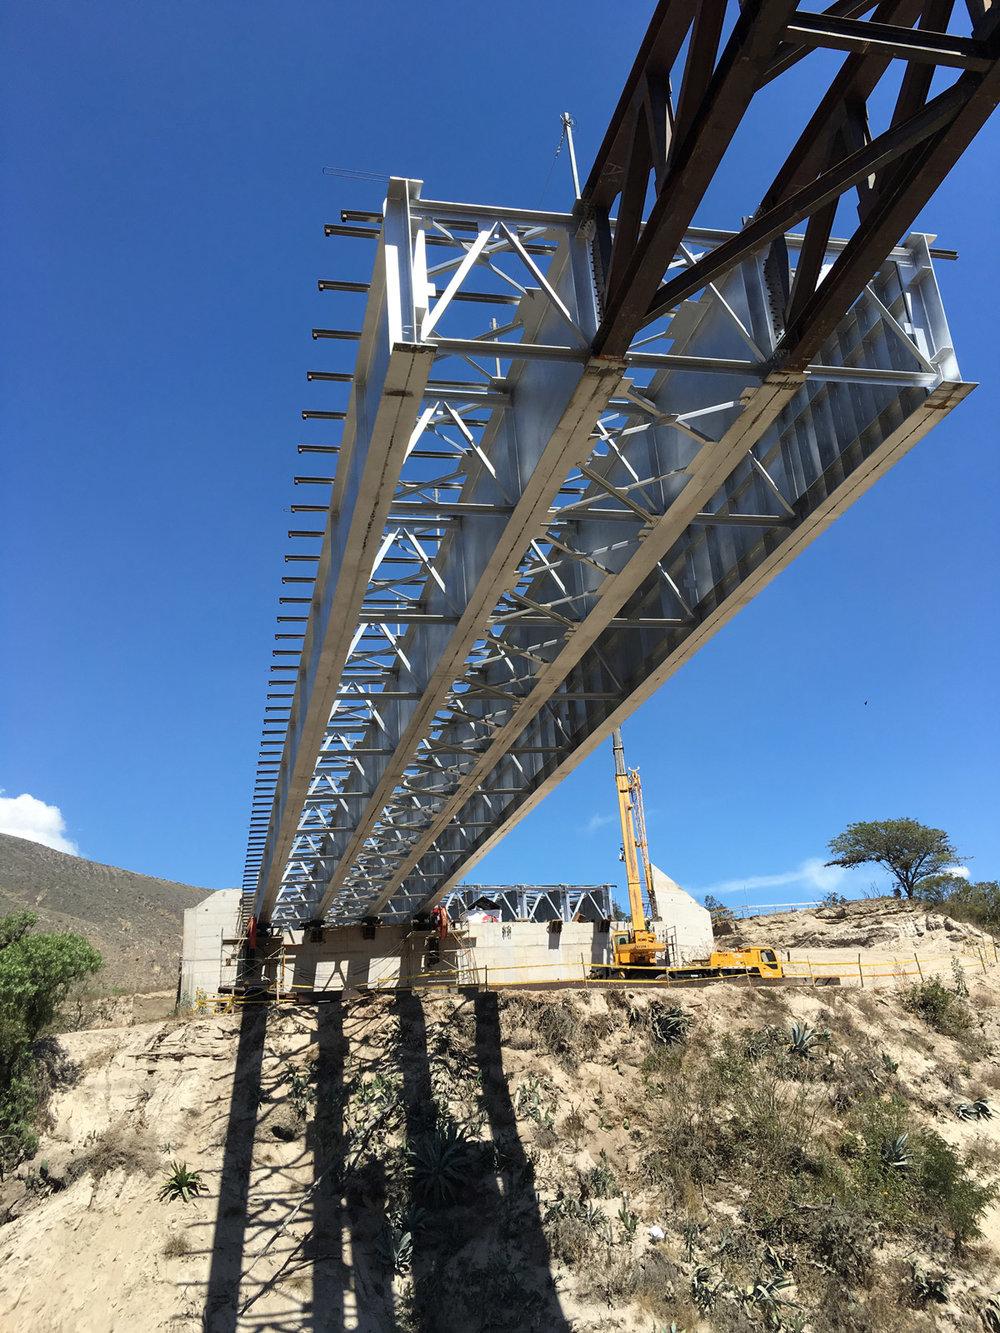 puente_los_pajaros_04.jpg